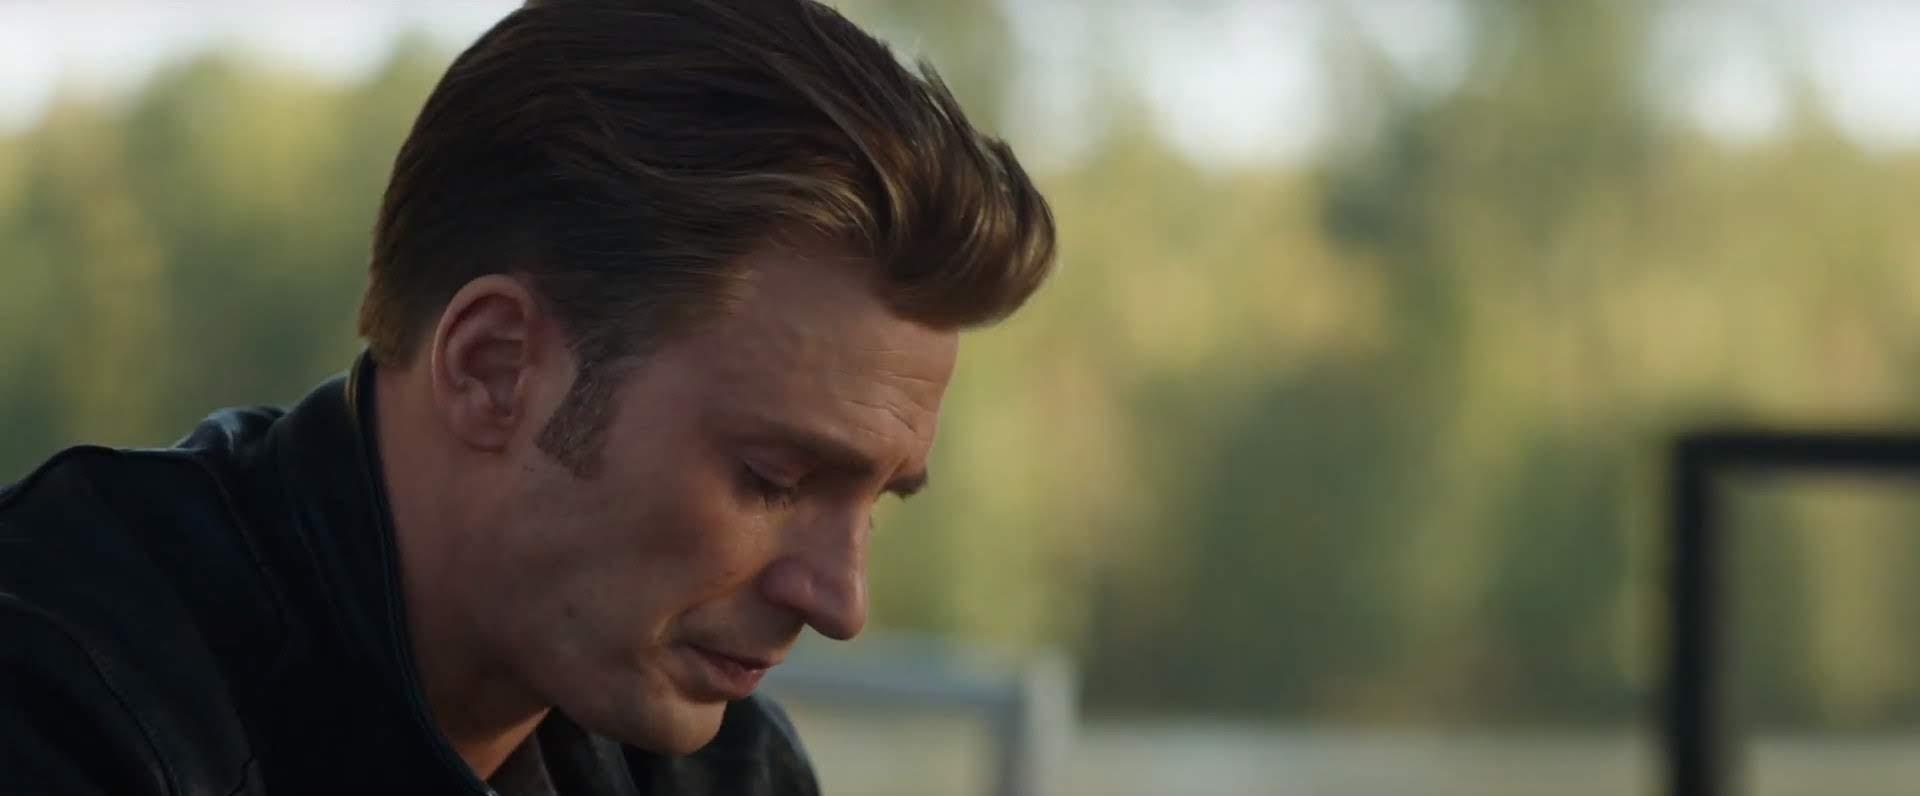 The Avengers - Gag Reel :「エンドゲーム」はきっと泣いてしまいそうだからと予感し、今のうちにせいぜい笑っておきたいマーベル・ファンの方は、過去の「アベンジャーズ」の NG 集をお楽しみください ! !